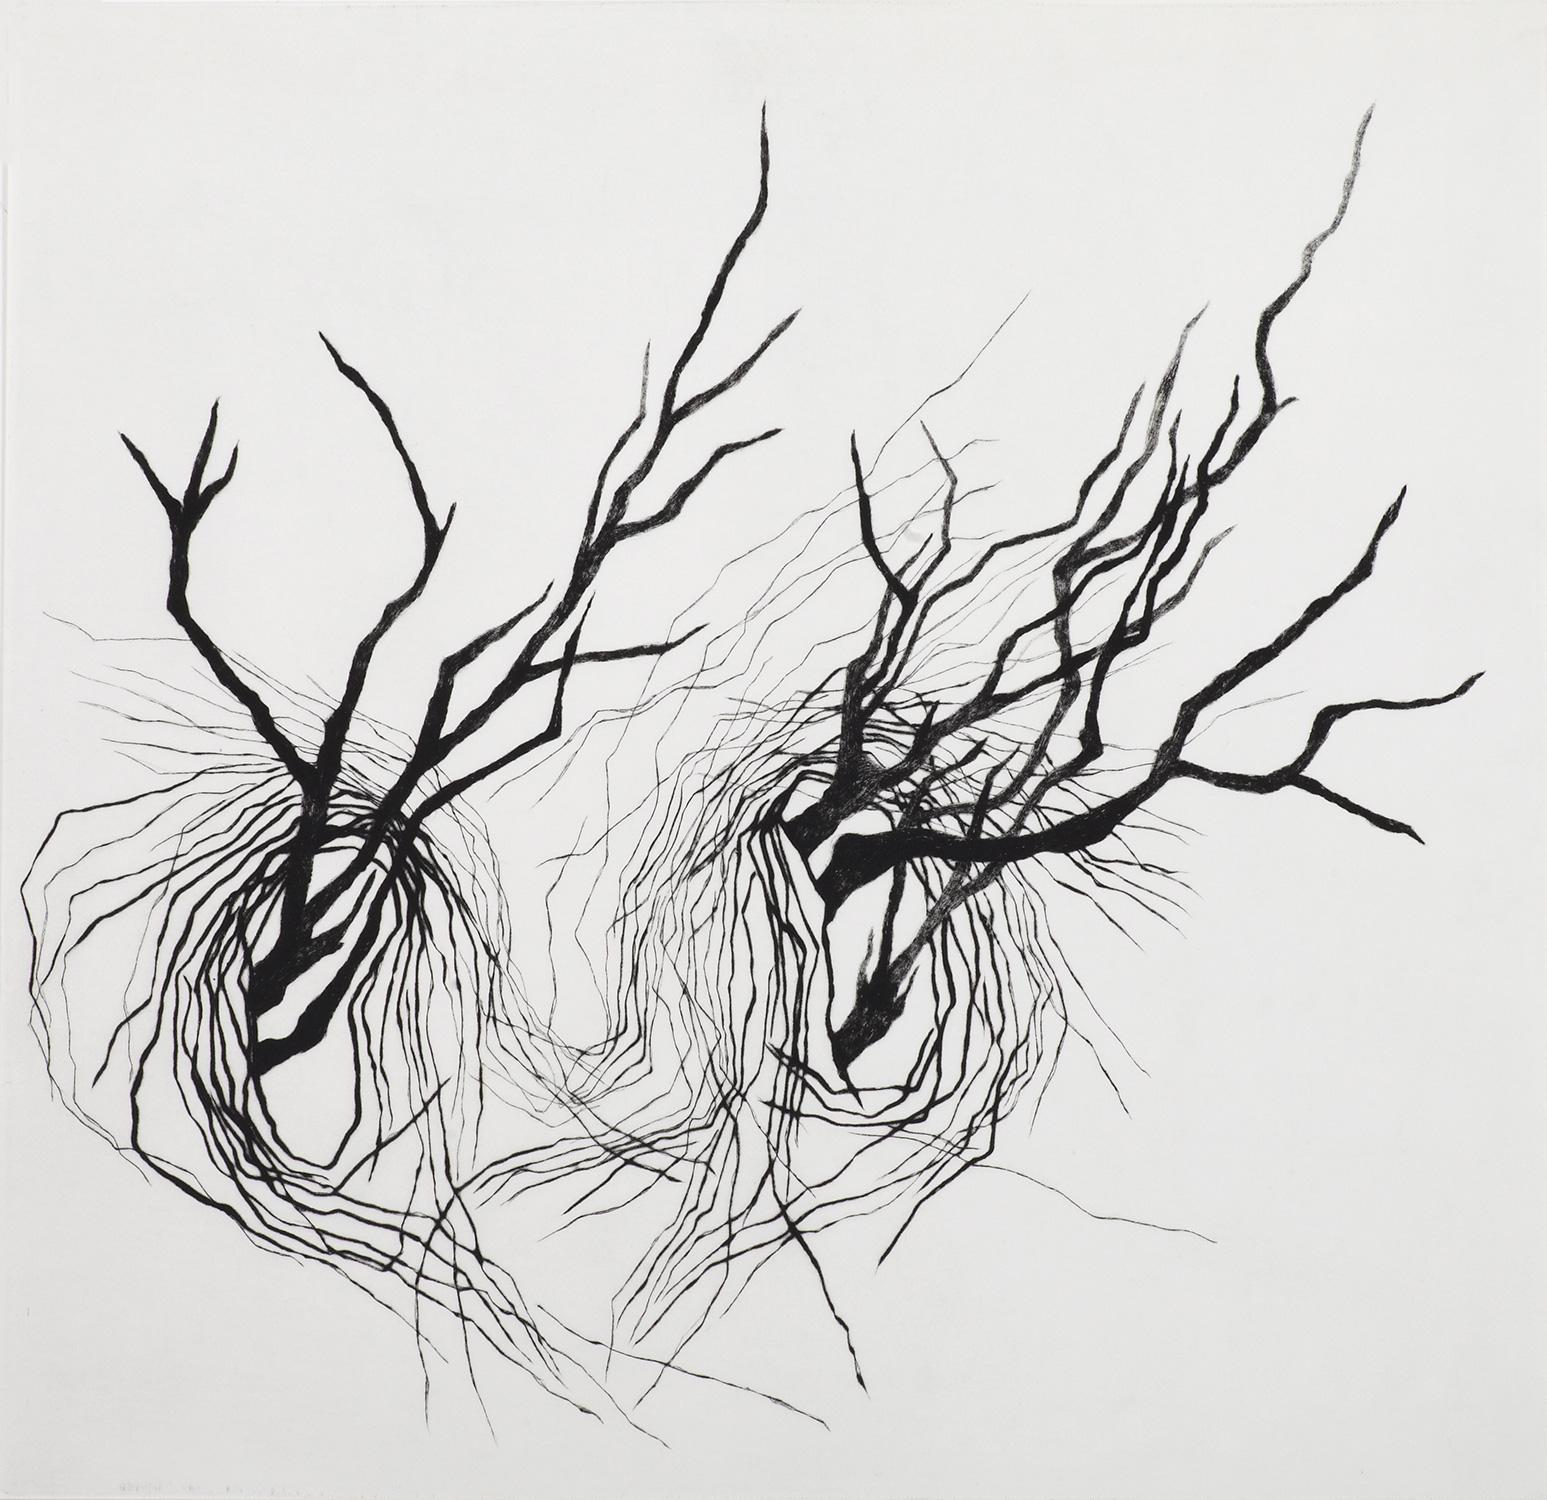 <i>sans titre</i>, 2009, pointe sèche, 70x70cm